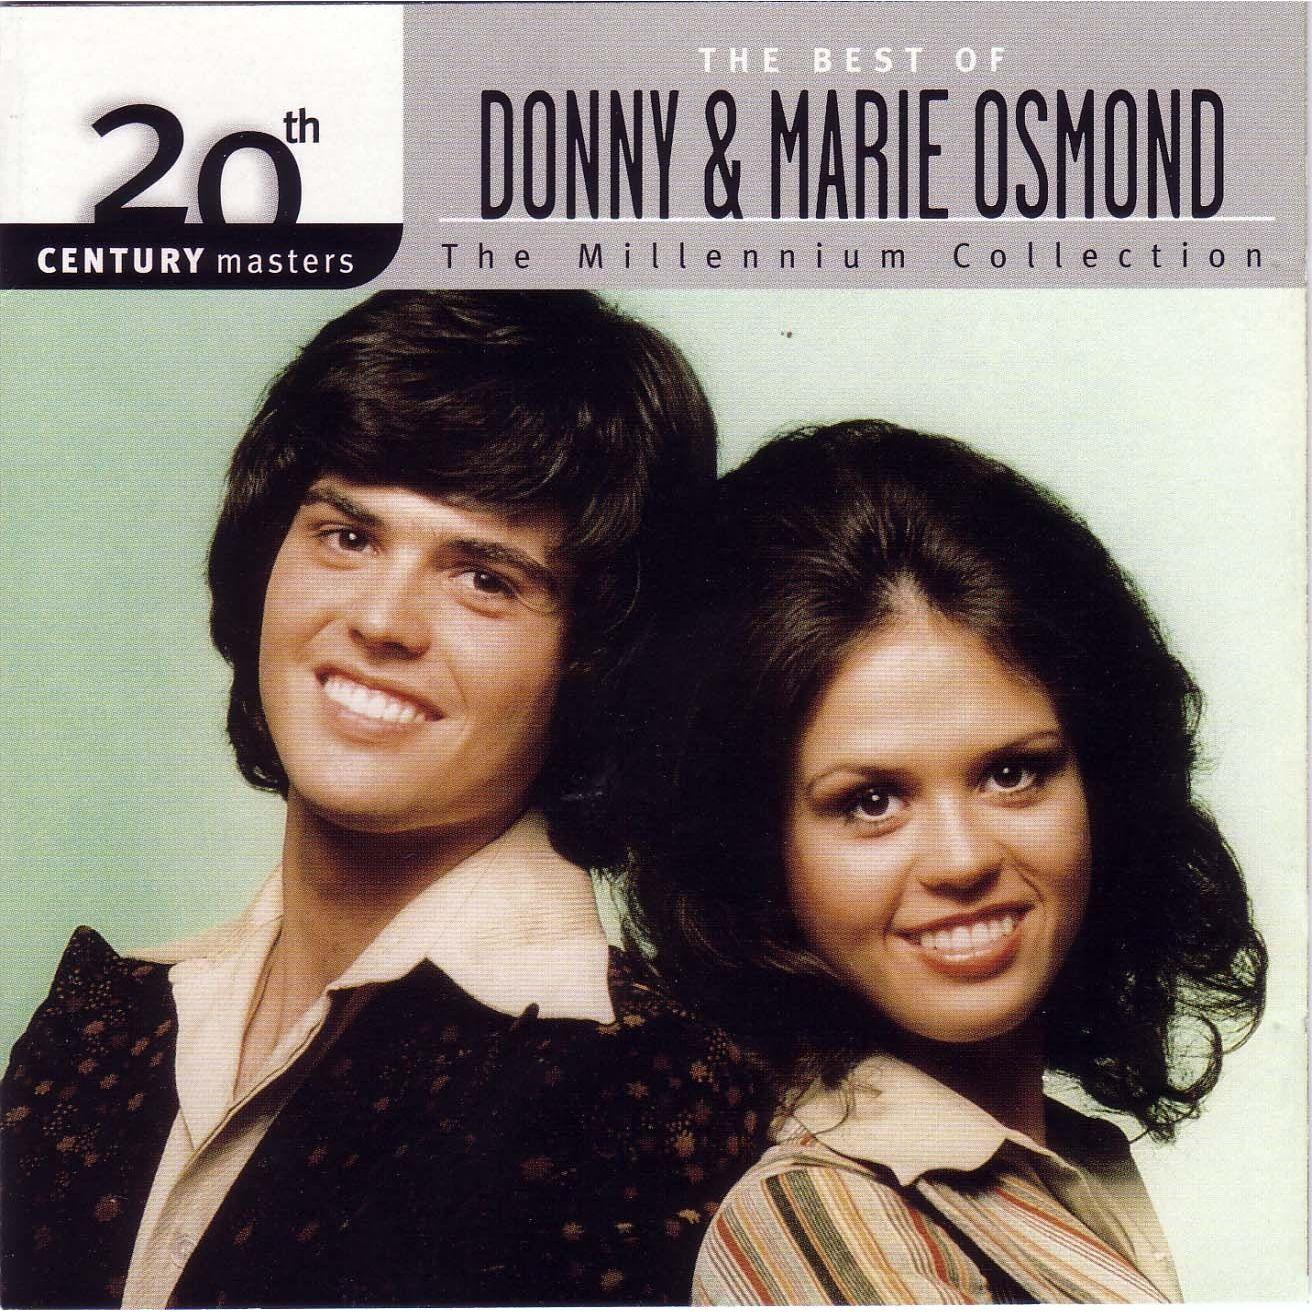 The-Best-Of-Donny-Marie-Osmond-cover.jpg